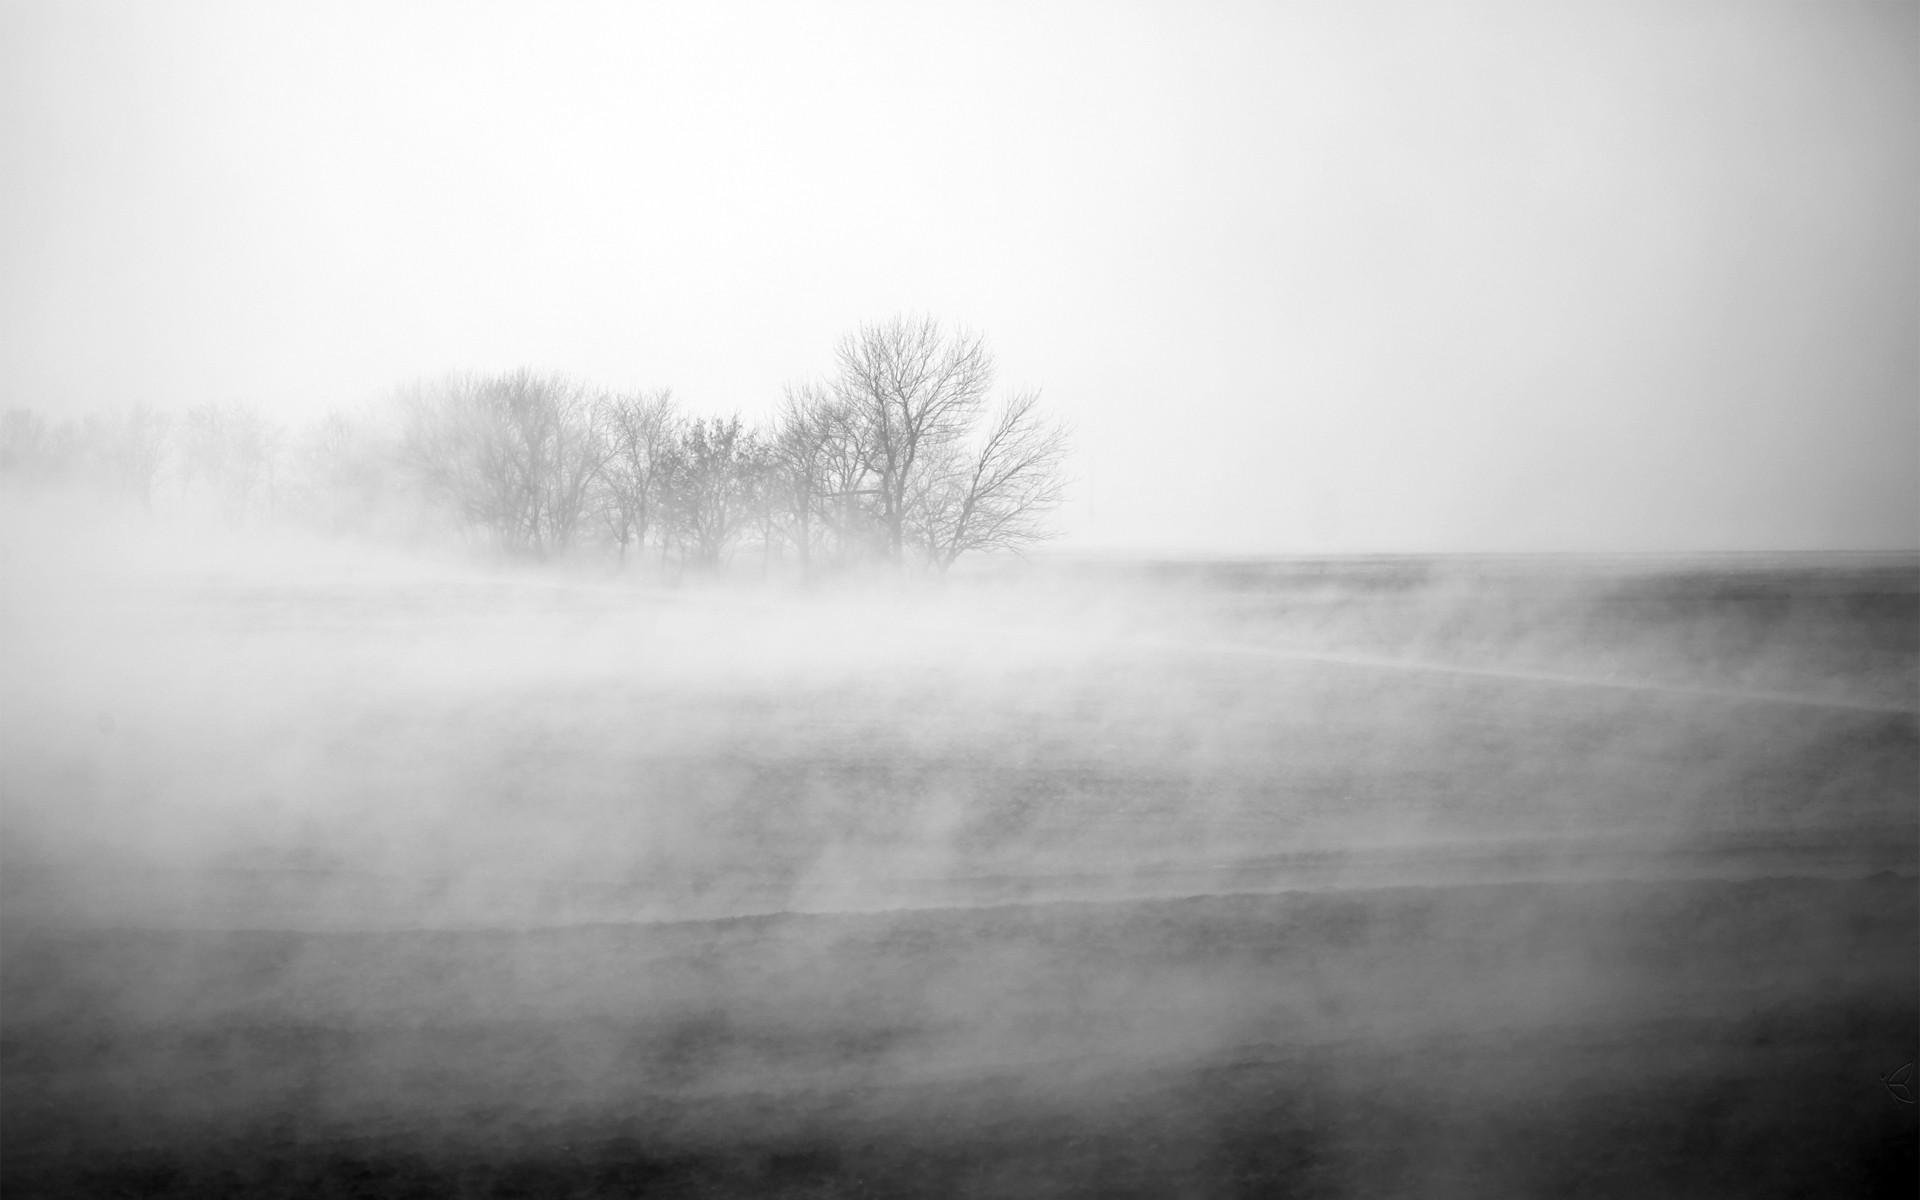 Winter Fog Hd Desktop Wallpapers 4k Hd